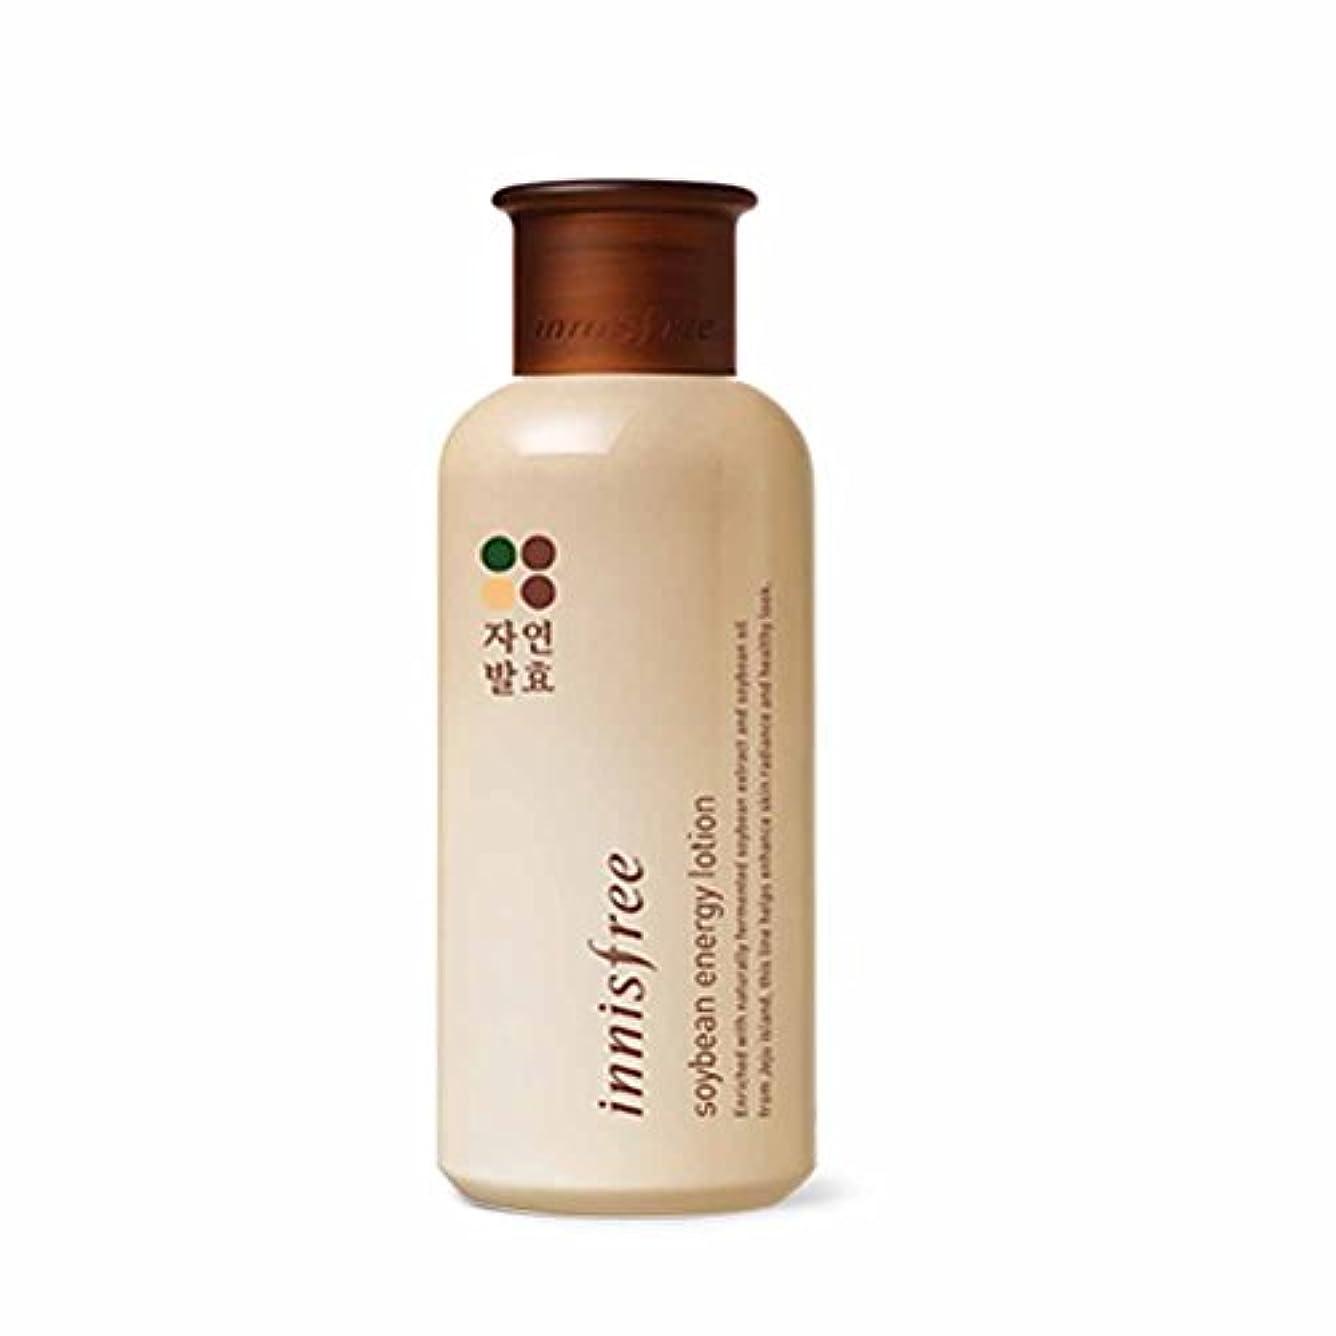 カウンターパート租界抑制イニスフリーソイビーンエナジースキン(トナー)200ml / Innisfree Soybean Energy Skin(Toner) 200ml[海外直送品][並行輸入品]